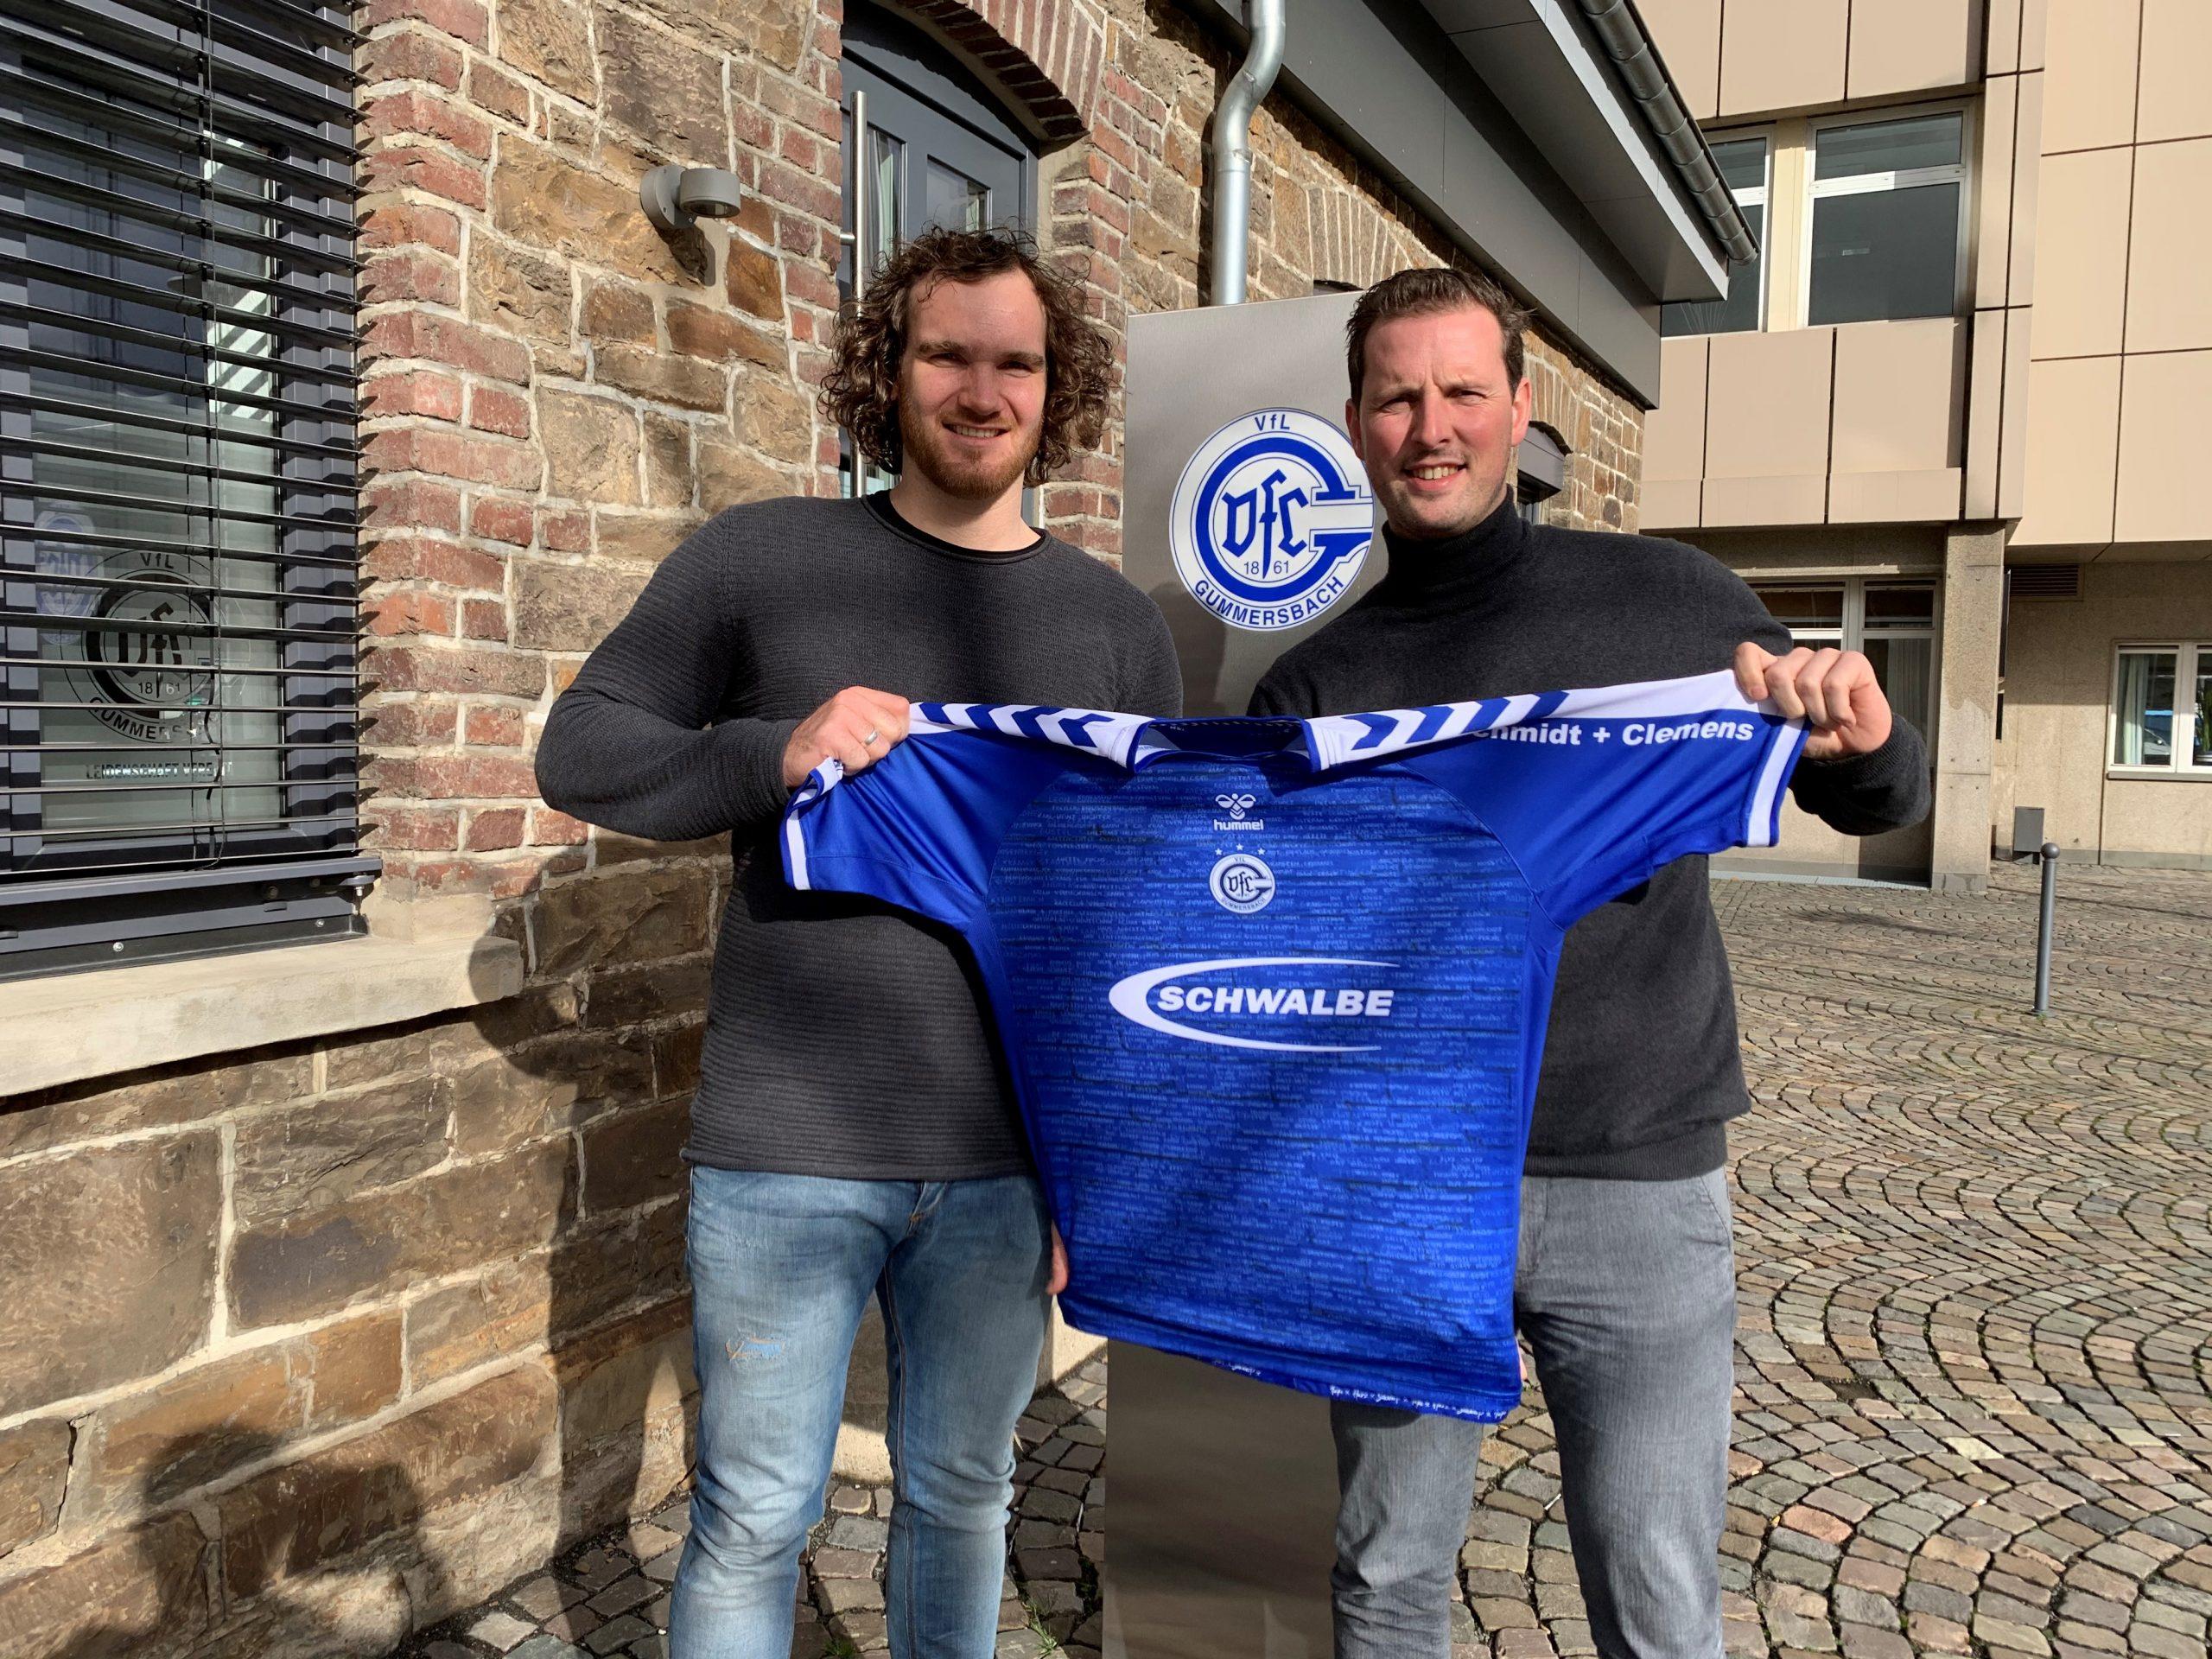 VfL verpflichtet Timm Schneider zur neuen Saison – Busch und Dayan verlassen den Verein